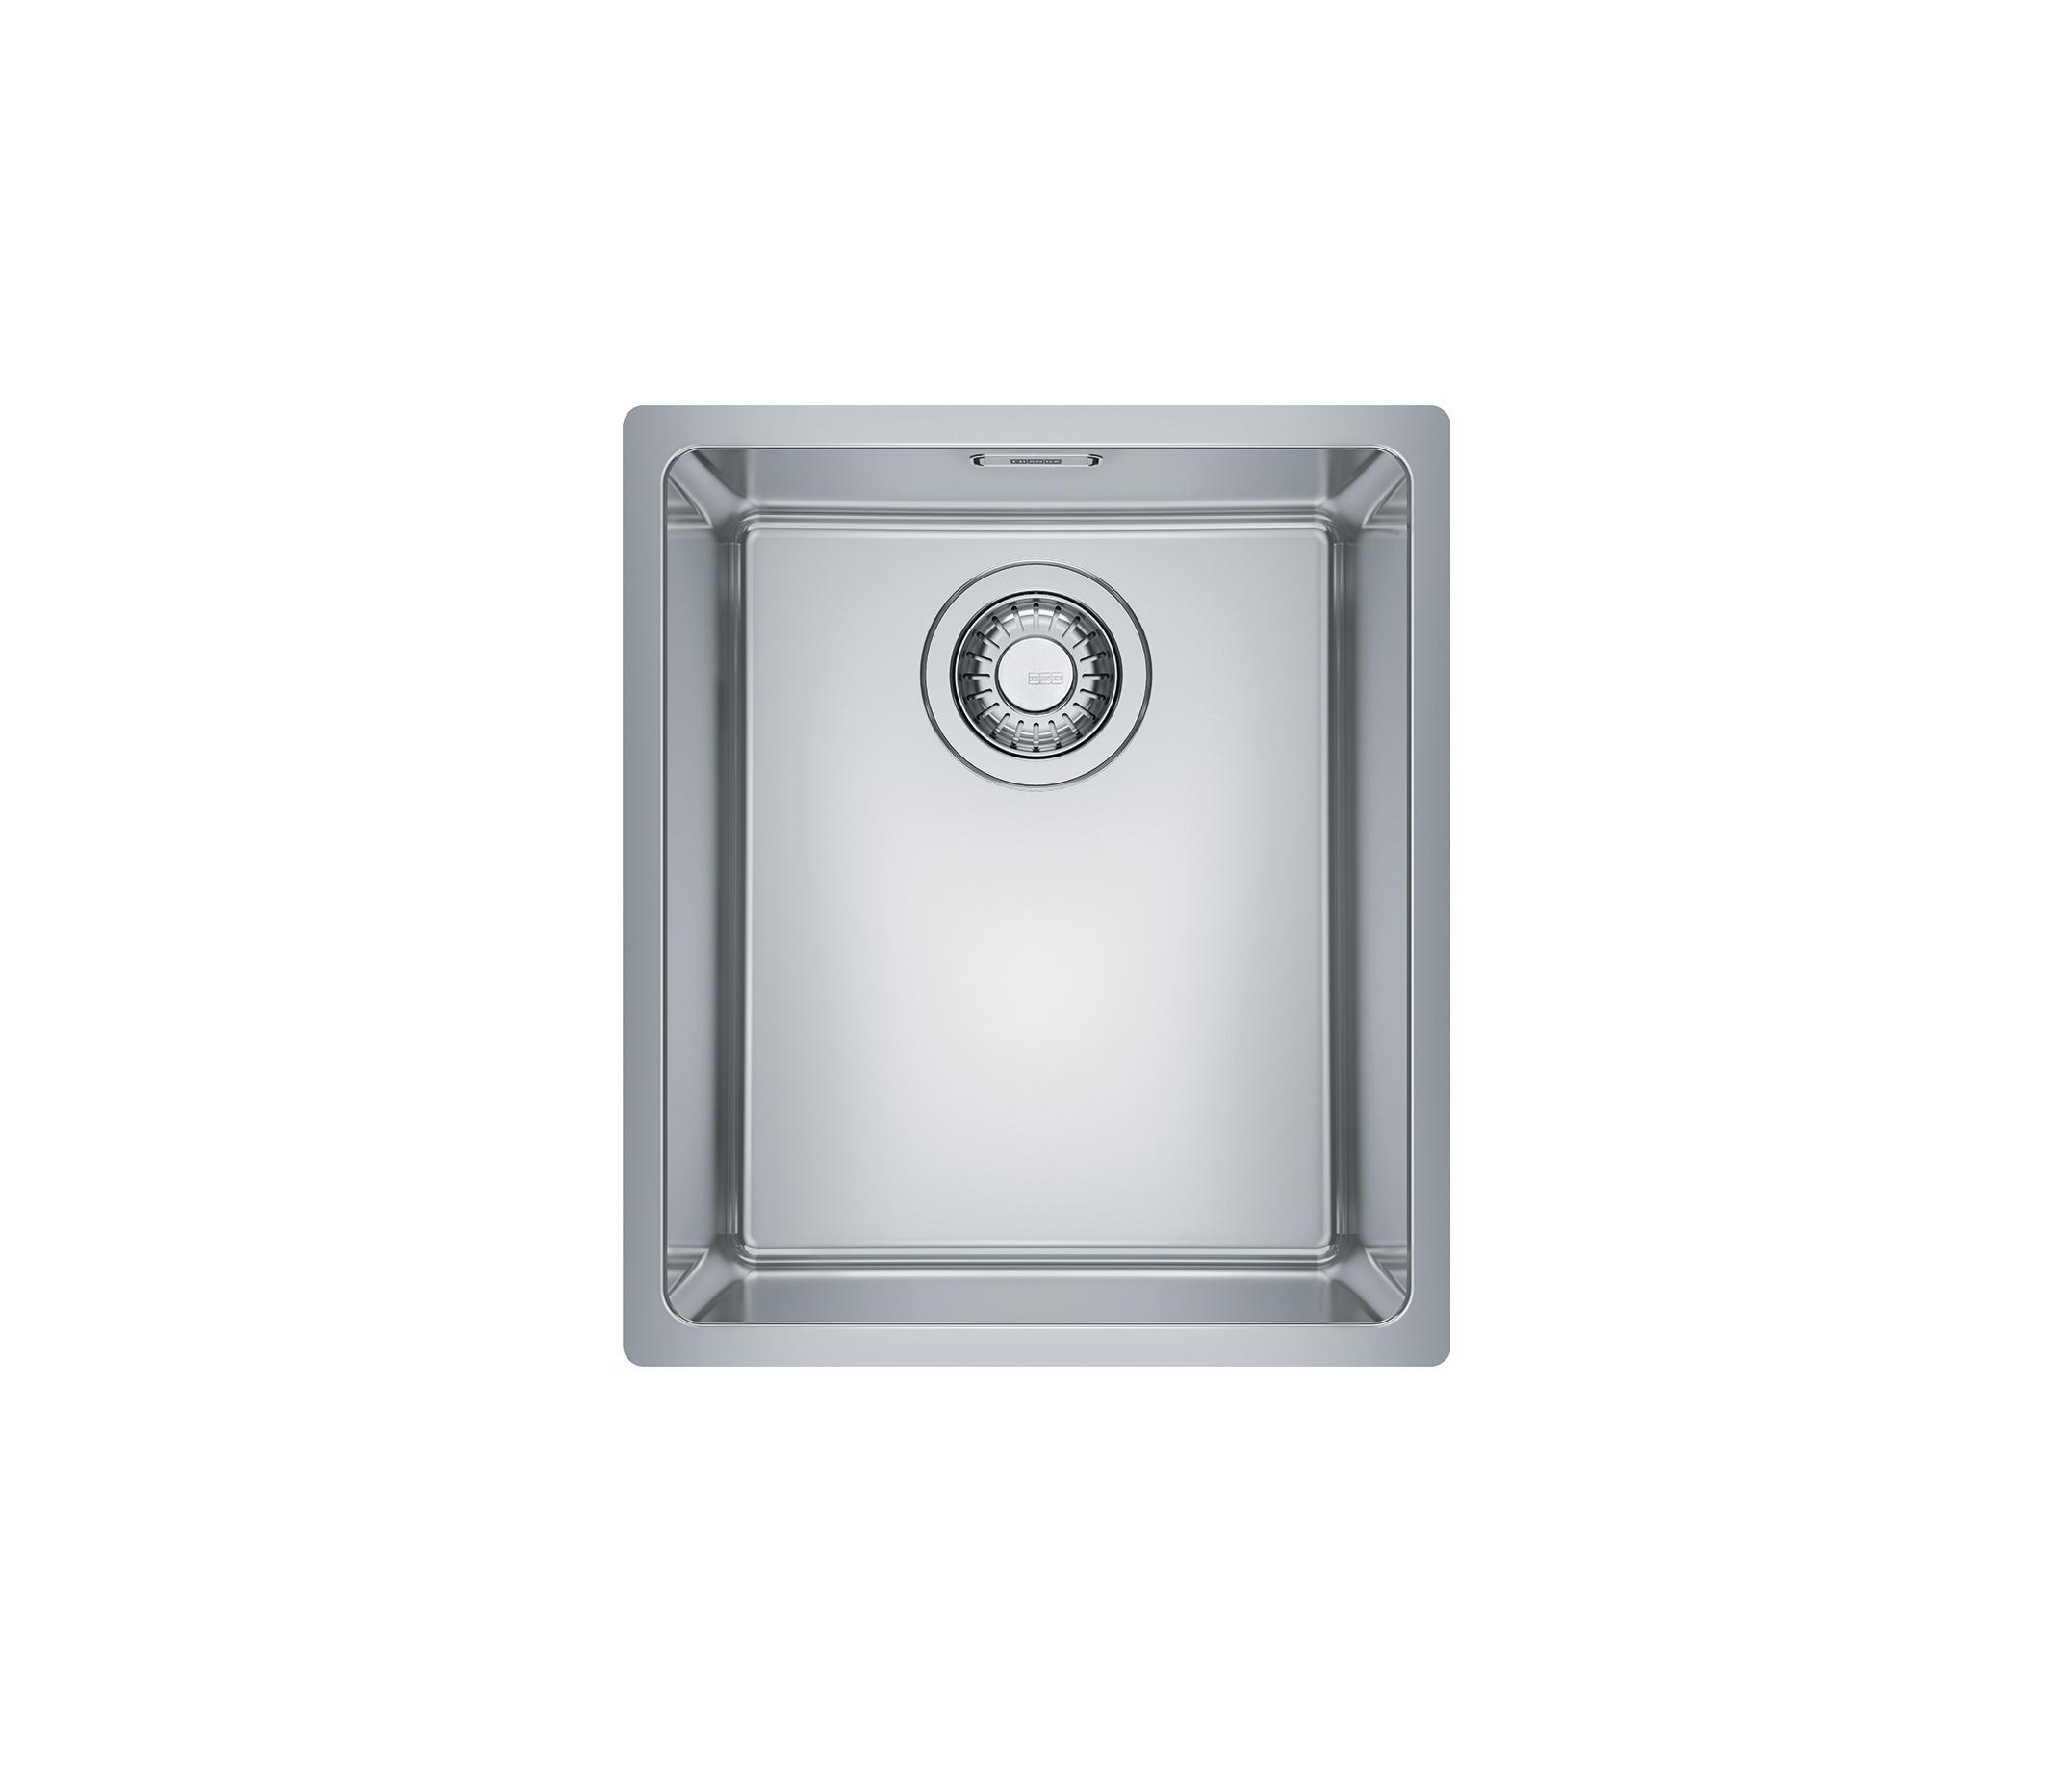 Maris sink mrx 110 34 stainless steel by franke kitchen systems kitchen sinks